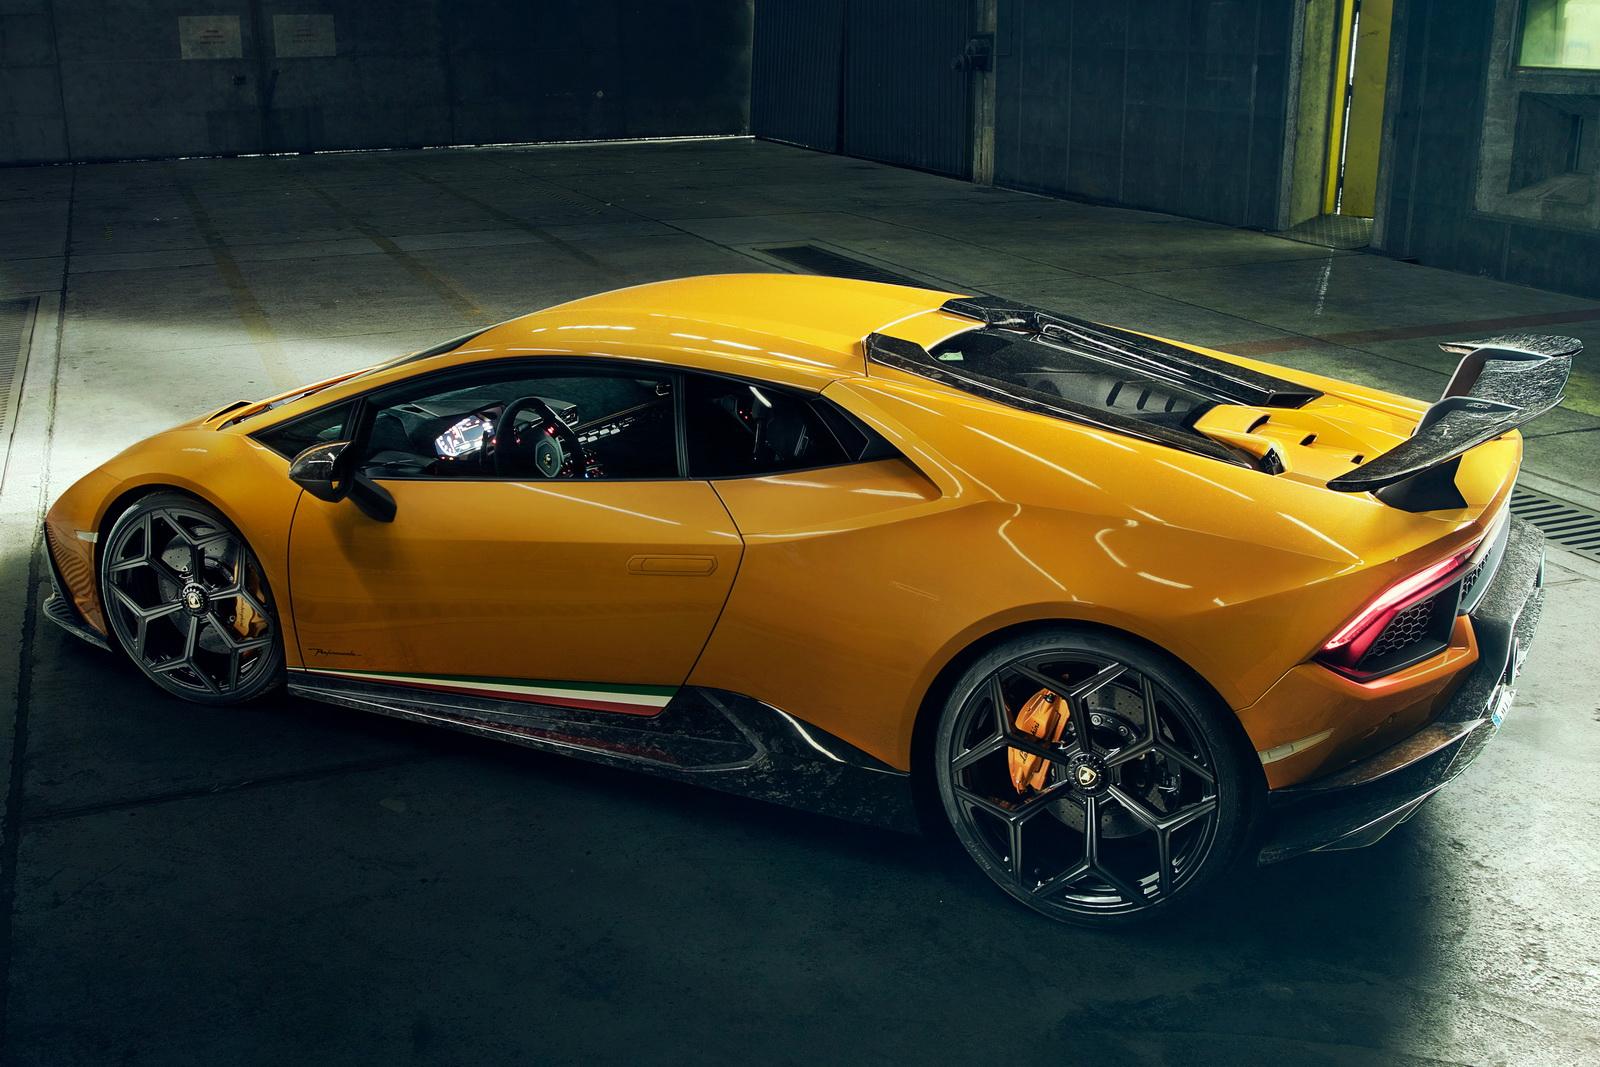 Novitec также могут предложить индивидуальные интерьеры с отделкой кожей или алькантарой. Пока что двигатель остается прежним, однако Novitec работает над комплектом обновления производительности для Lamborghini Huracan Performante, который вскоре до